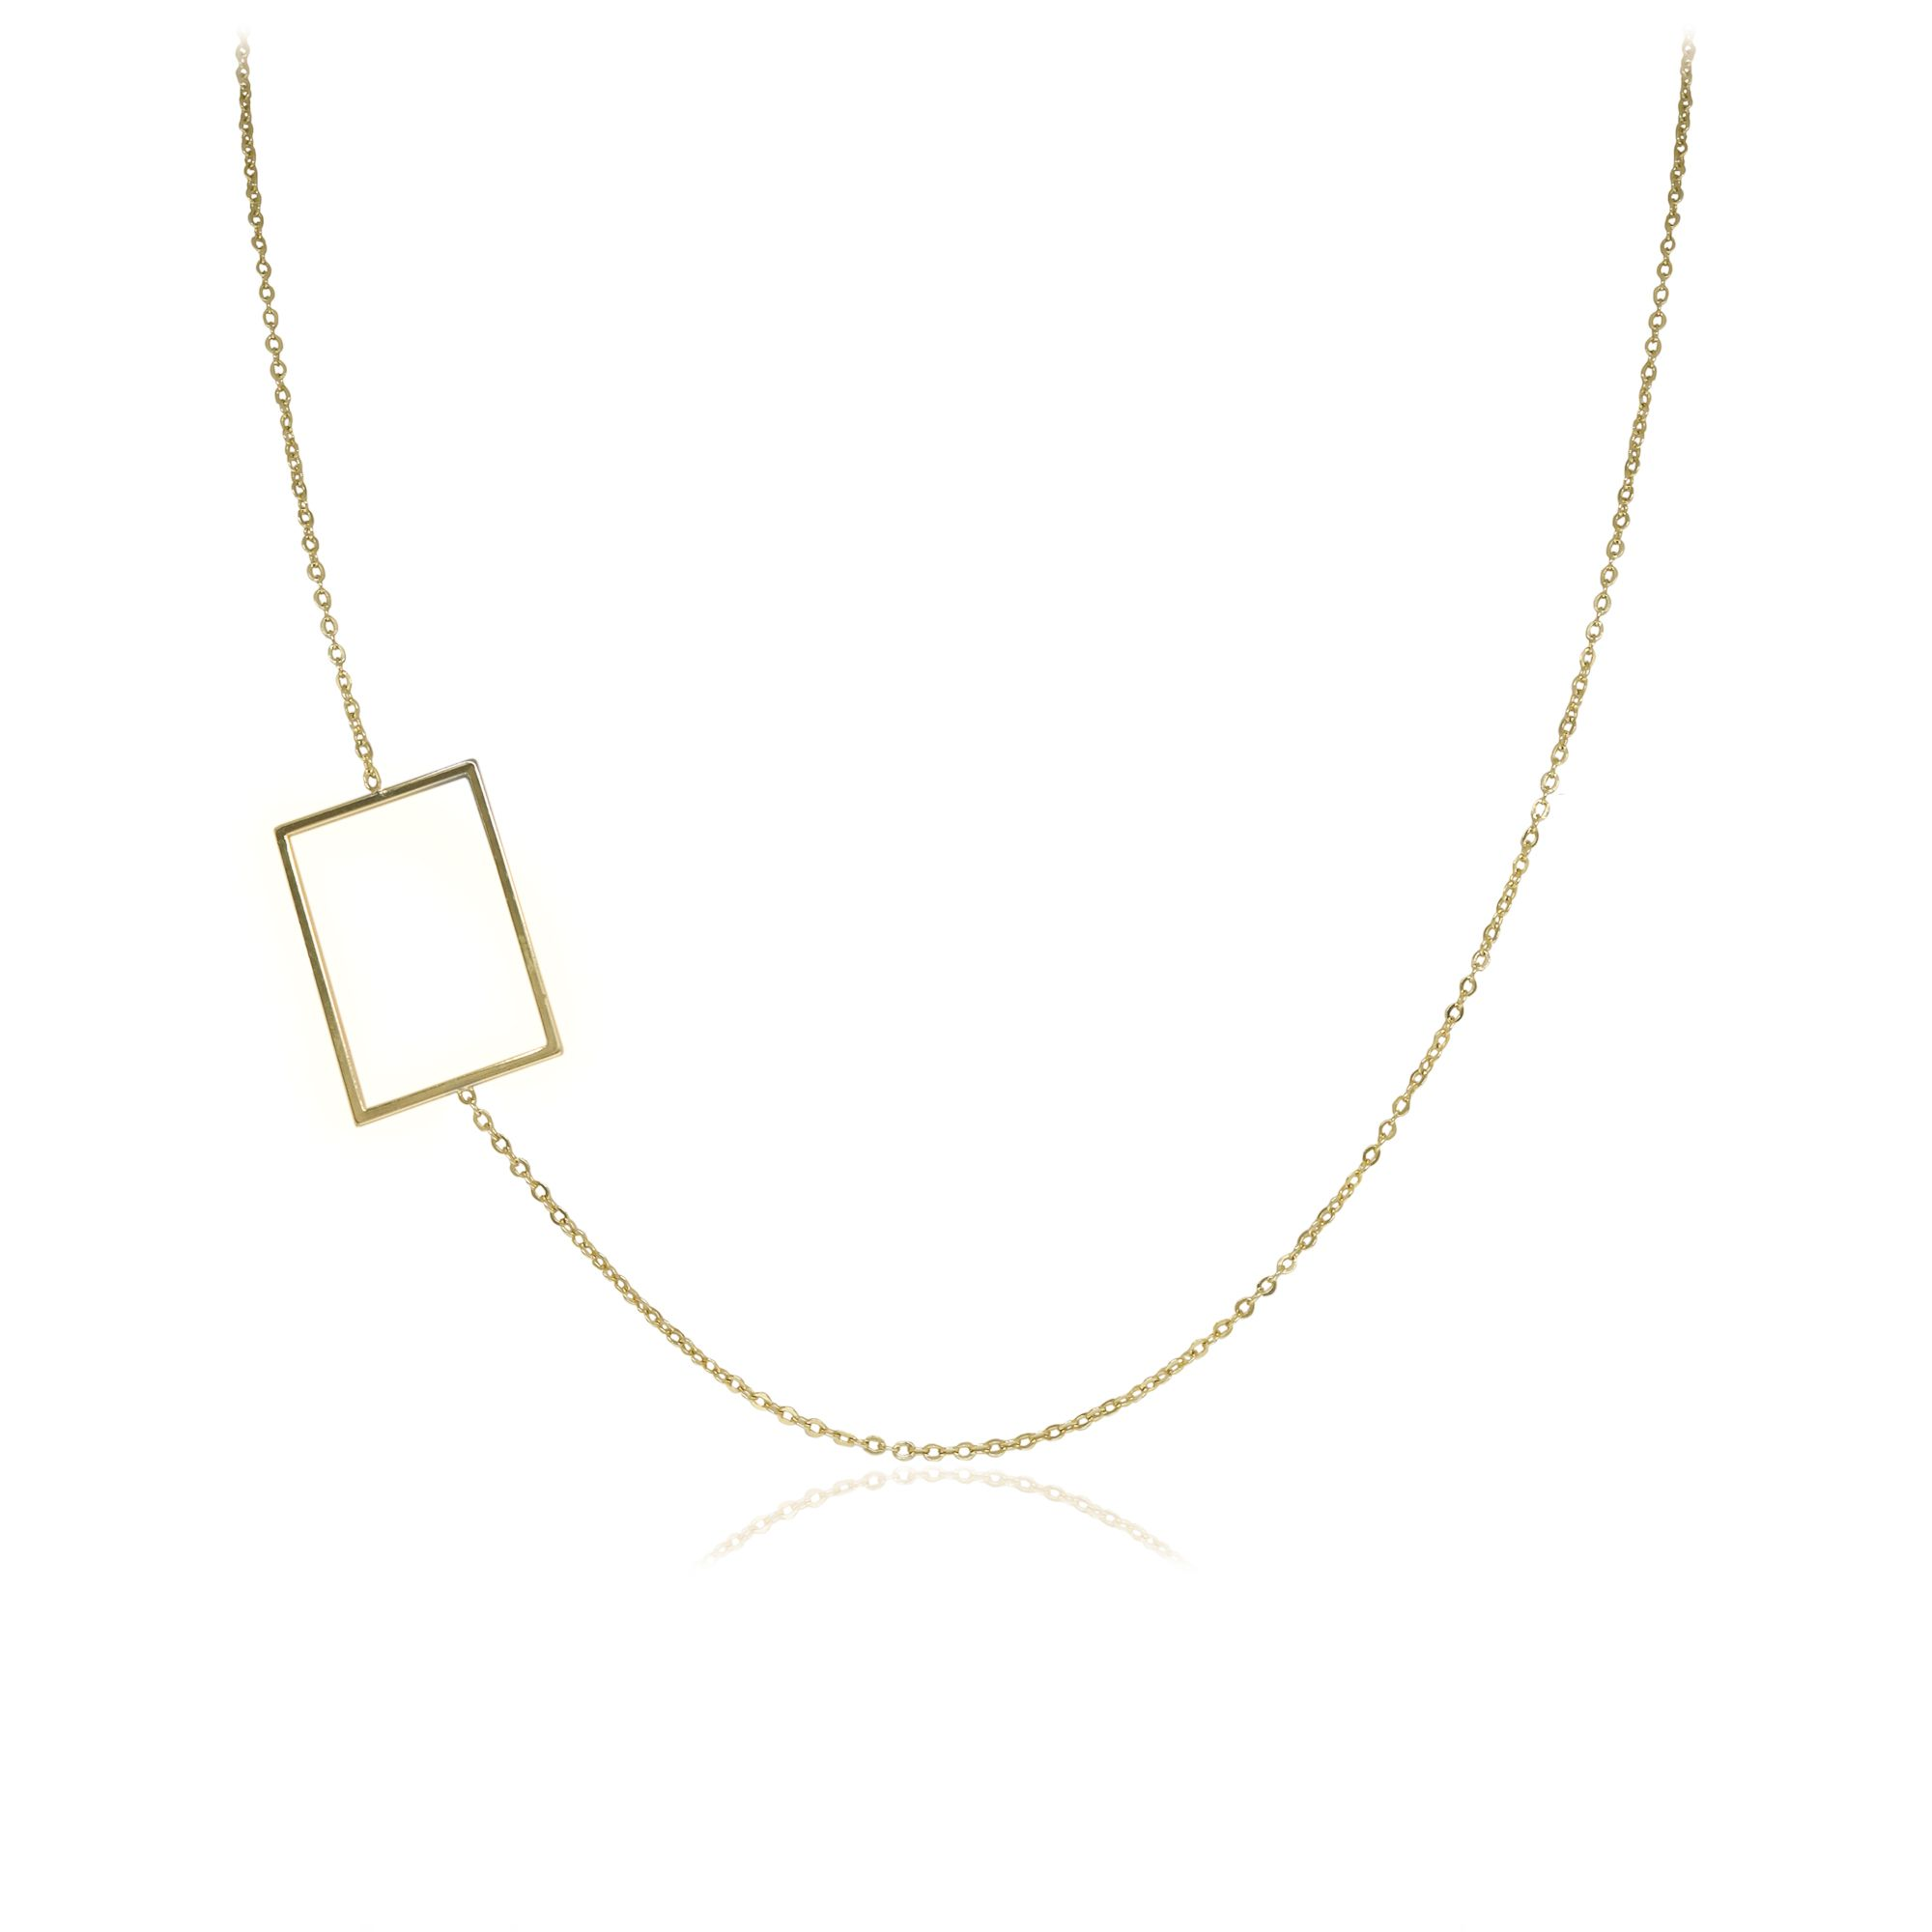 Colar Semi joia com detalhe  retângulo vazado banhado a ouro  18k ou rhodium em estilo minimalista